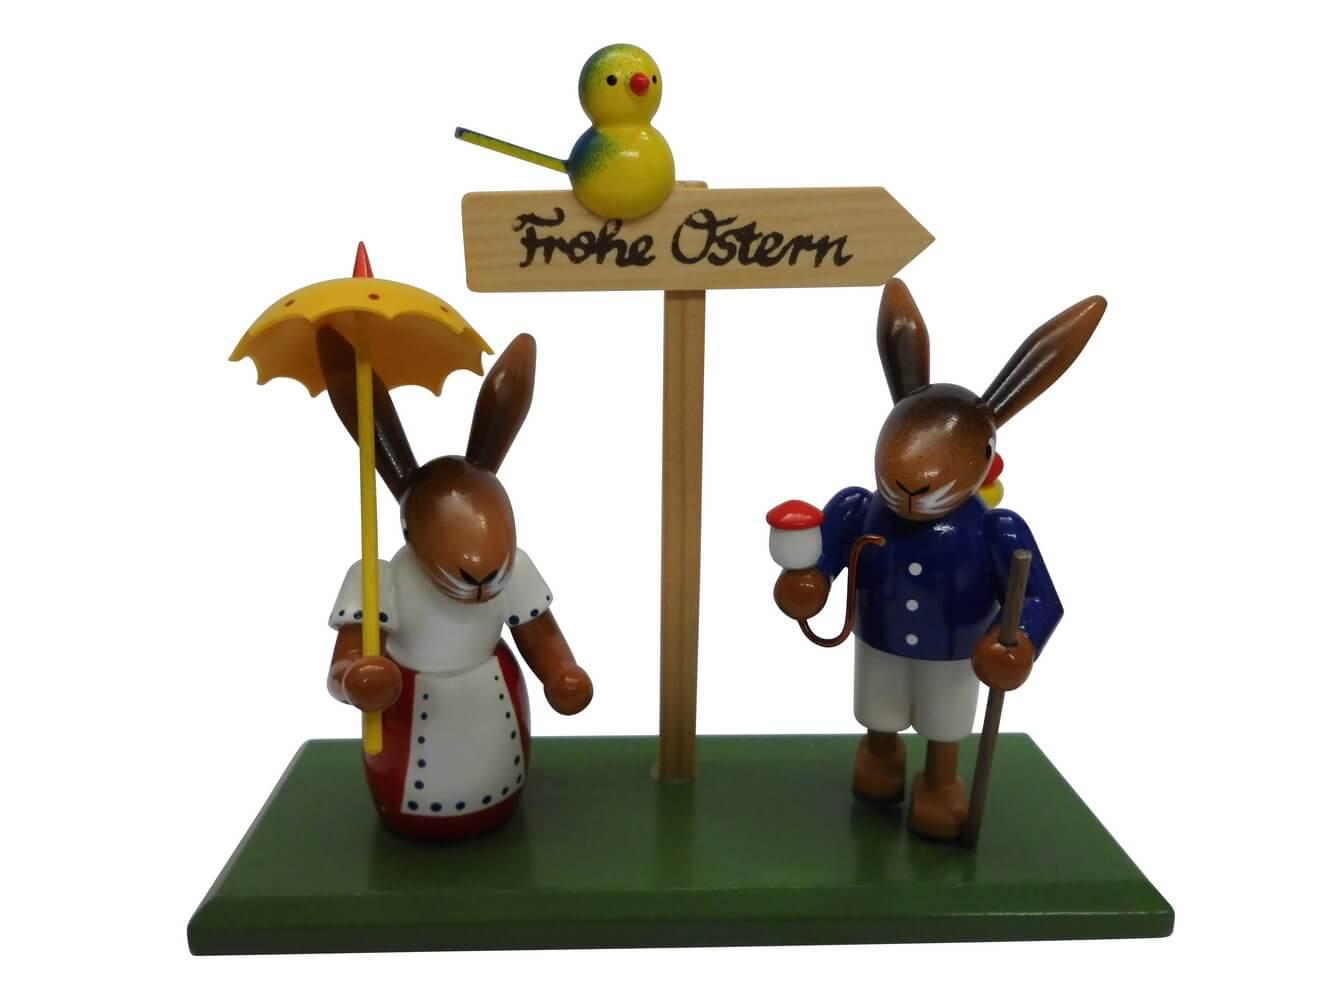 Osterhasenpaar Ostergruß, stehend auf grünem Sockel mit Wegweißer und Vögelchen, bunt, 13 cm von Nestler-Seiffen.com OHG Seiffen/ Erzgebirge